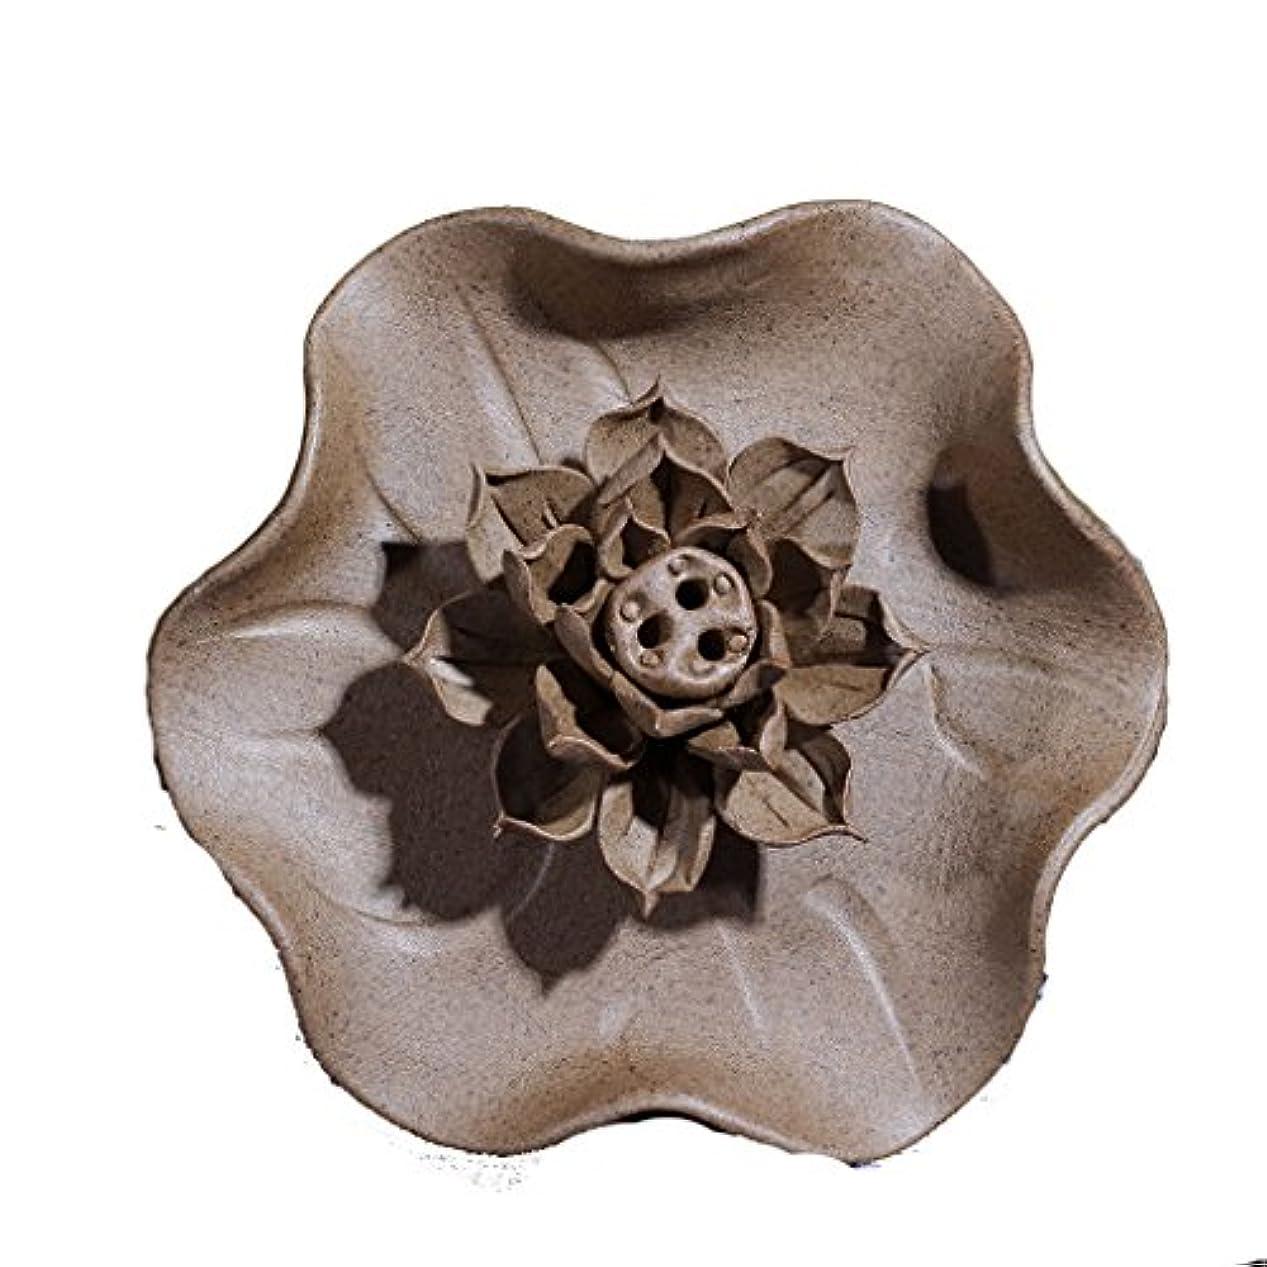 リーン神のフォーカス(ラシューバー) Lasuiveur 香炉 線香立て 香立て 職人さんの手作り 茶道用品 おしゃれ  木製 透かし彫り